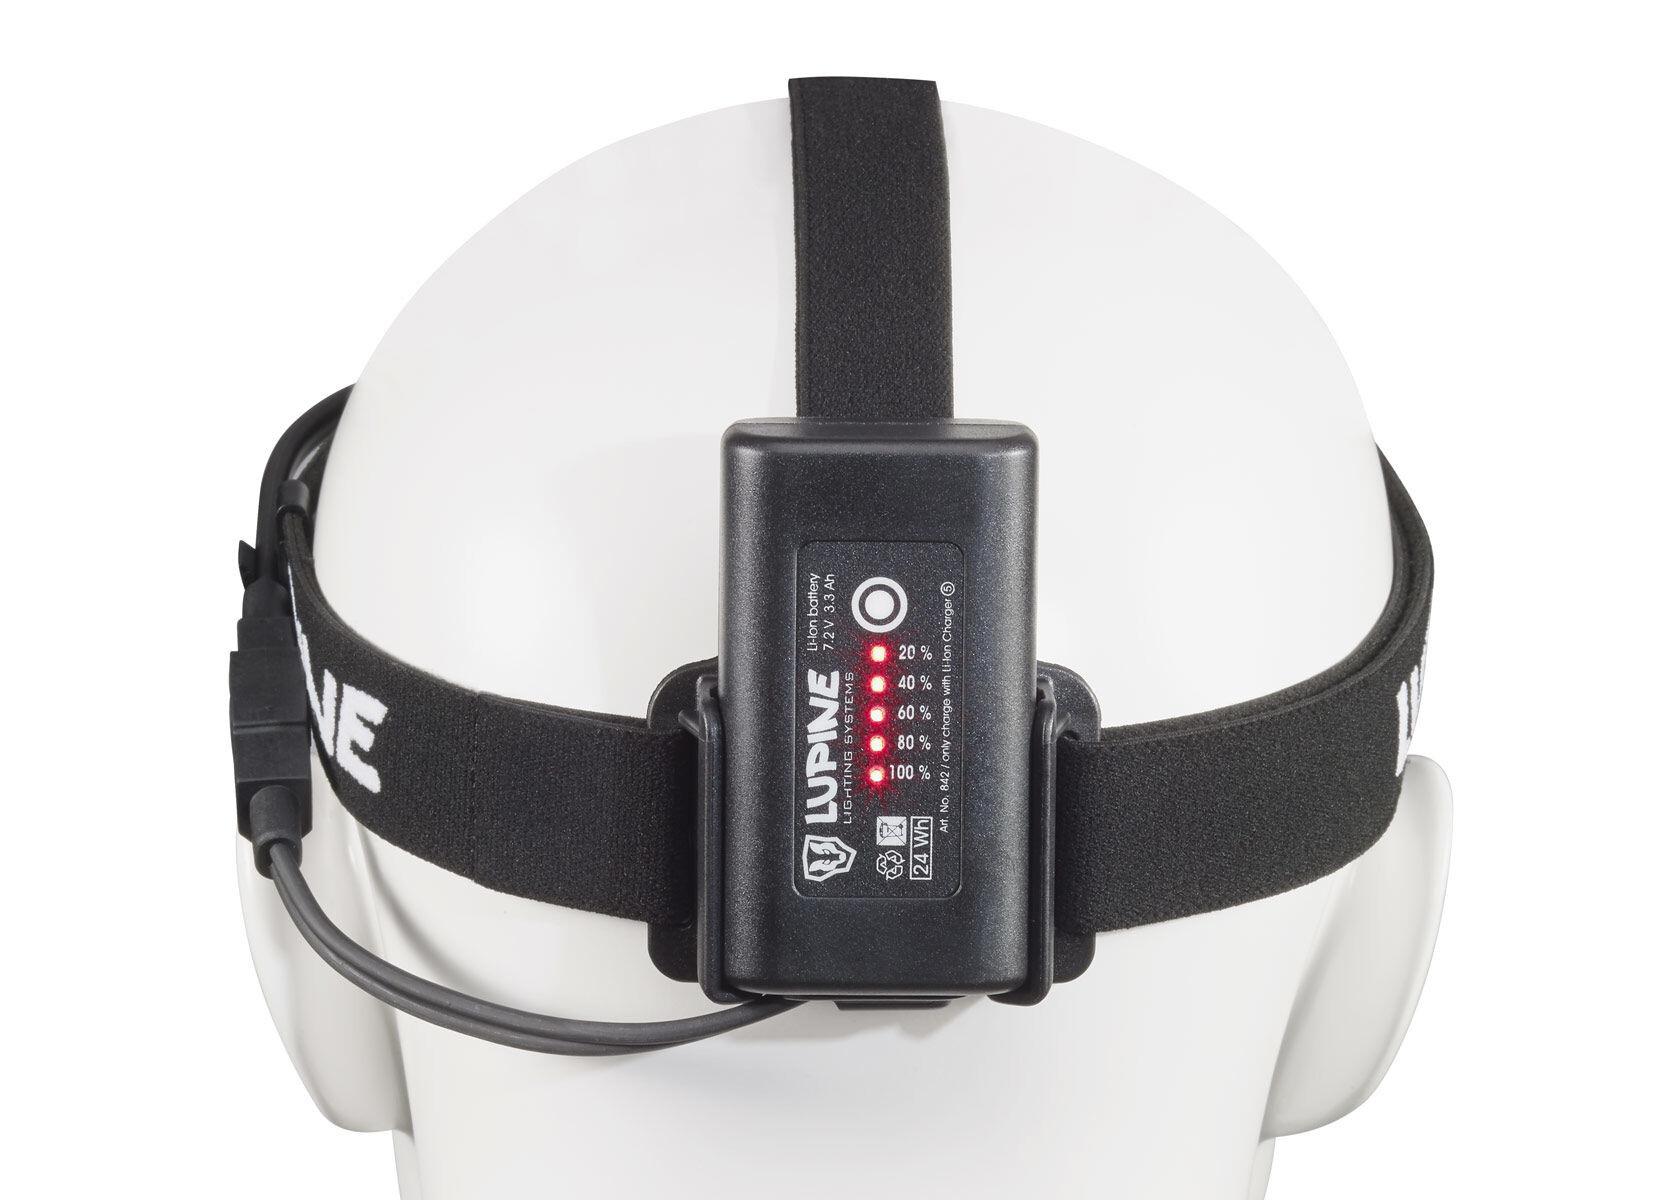 Lupine Piko RX 4 SmartCore Helmlampe schwarz gu00fcnstig kaufen fahrrad.de